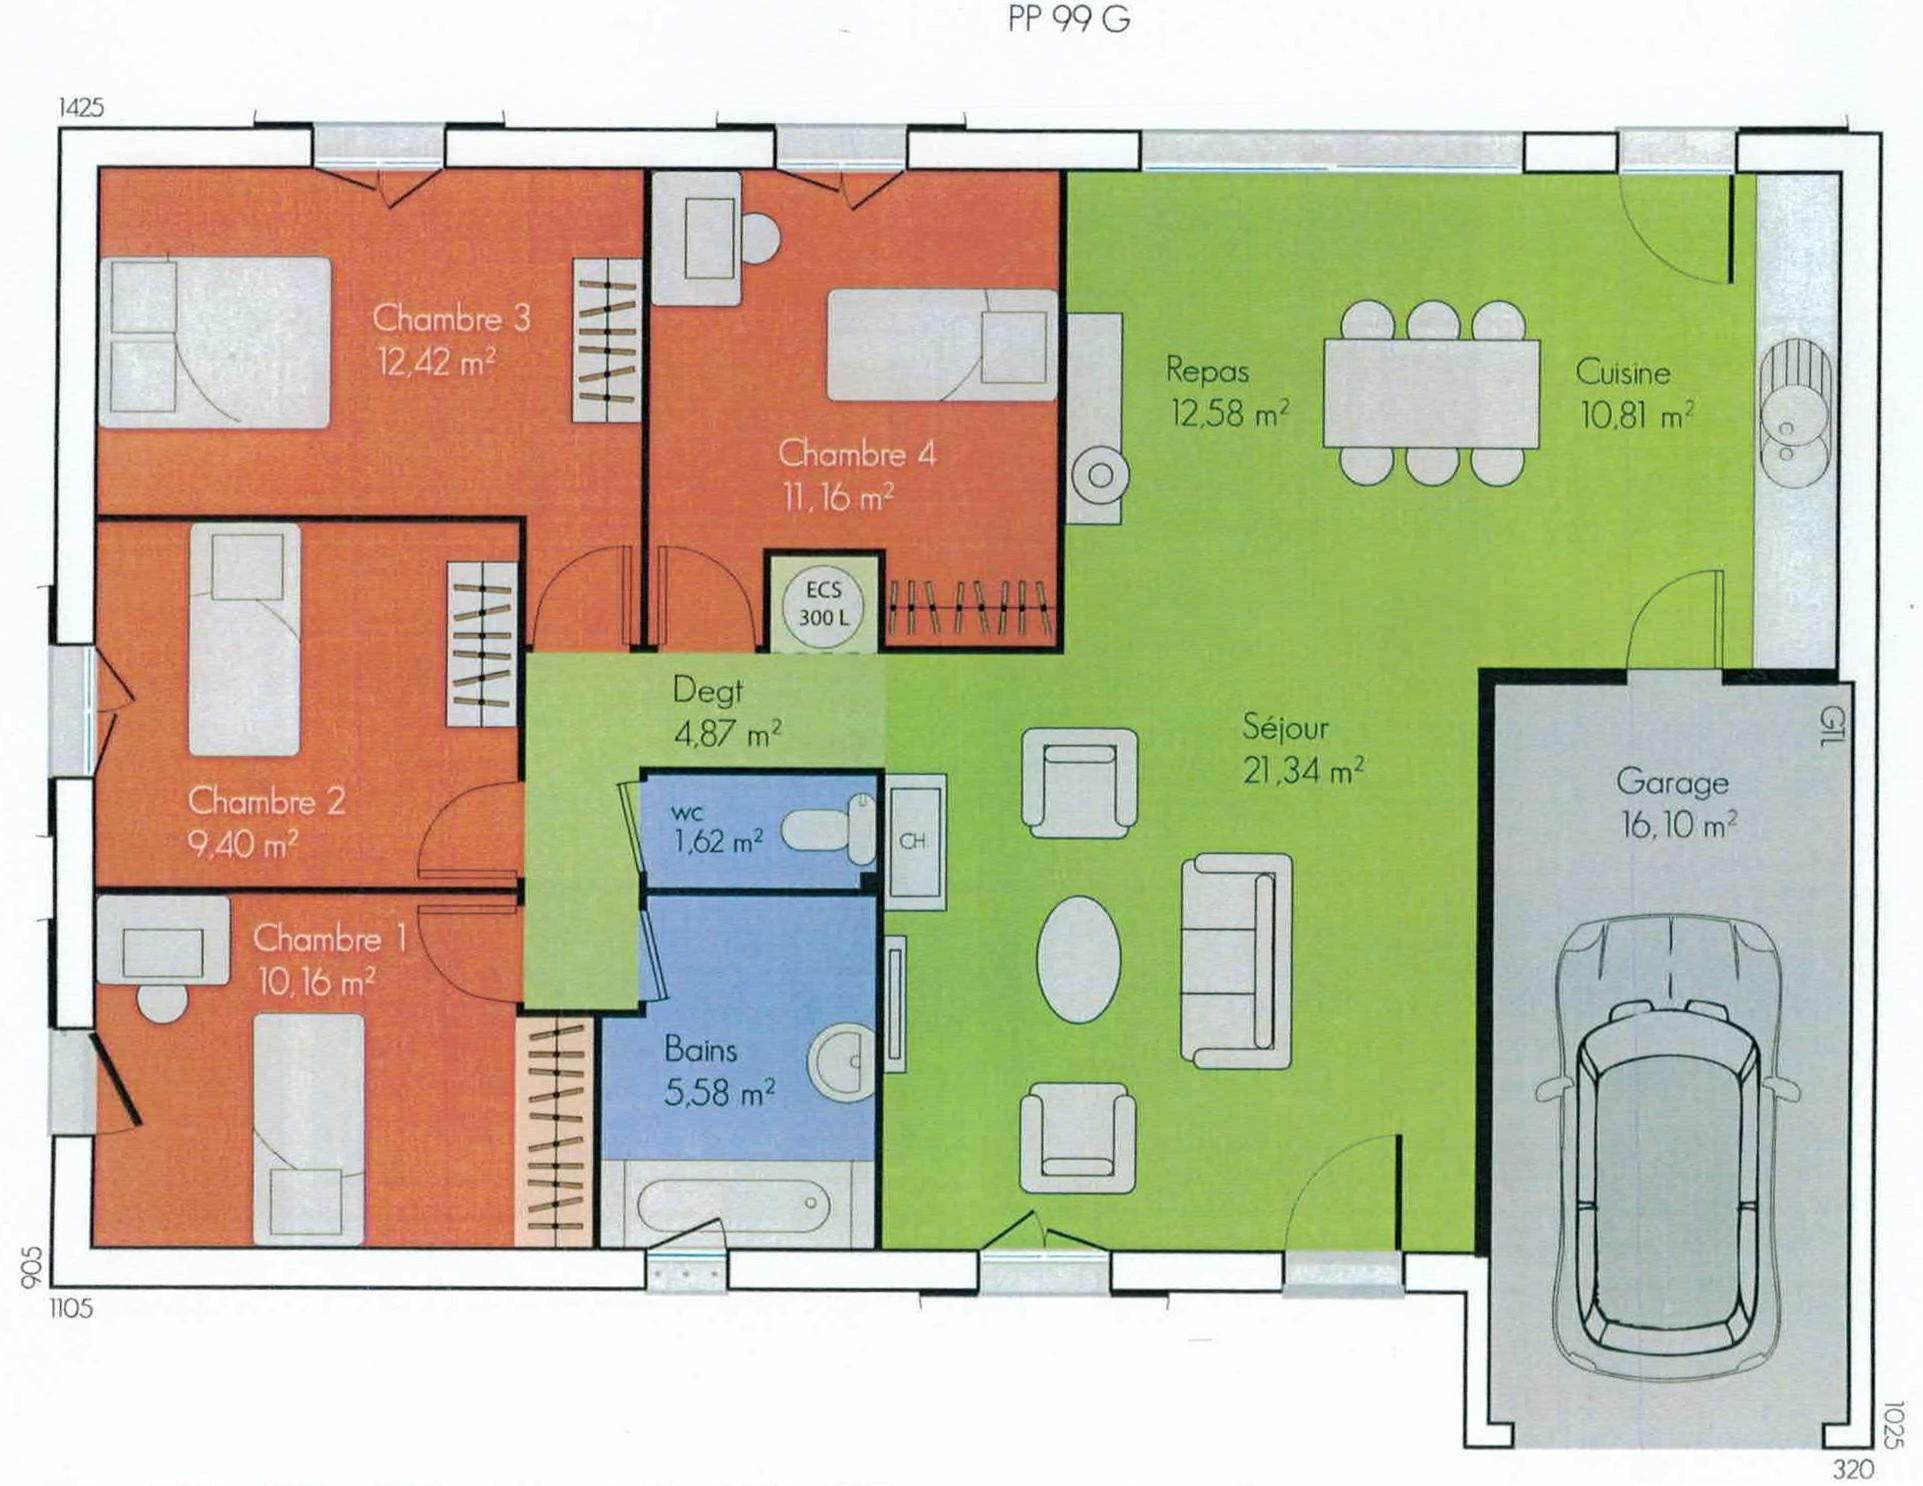 Maison plain pied en u avec garage - Plan maison plein pieds ...